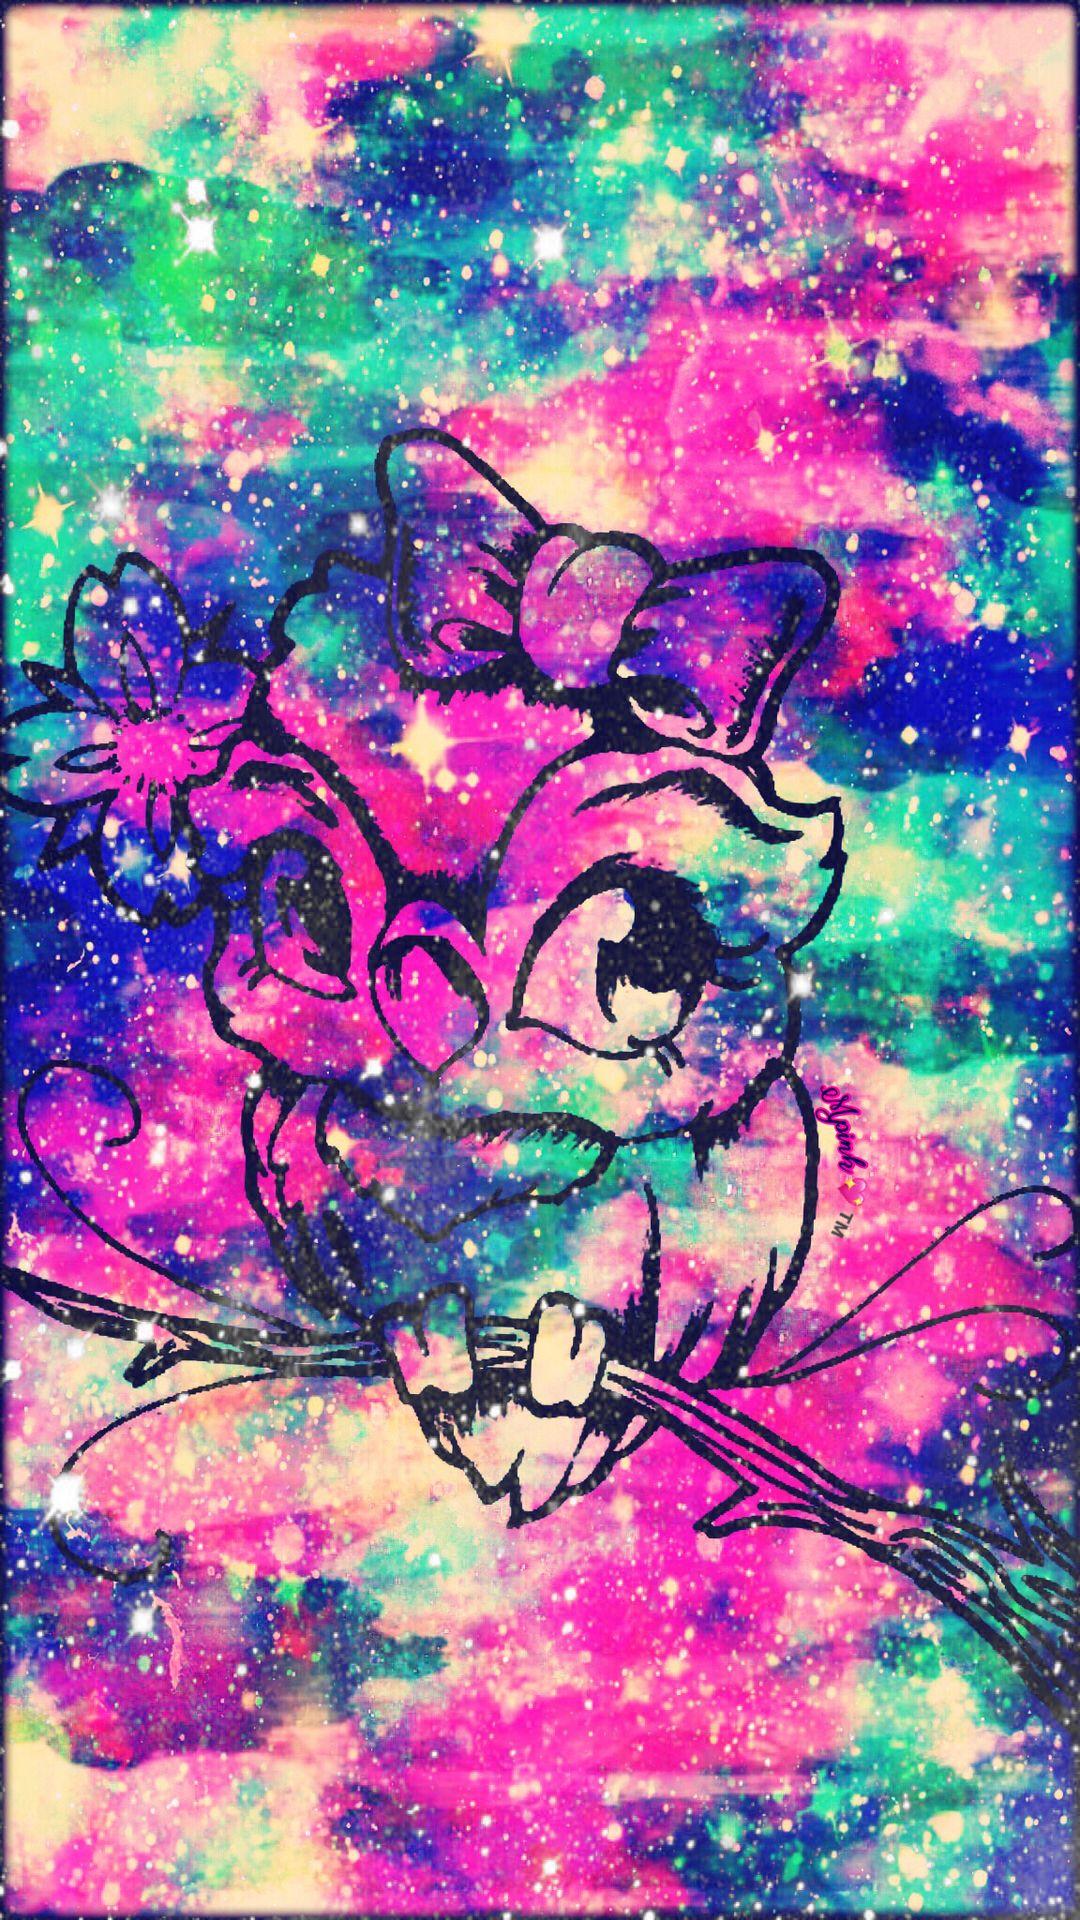 Cute Grunge Owl Galaxy Wallpaper androidwallpaper